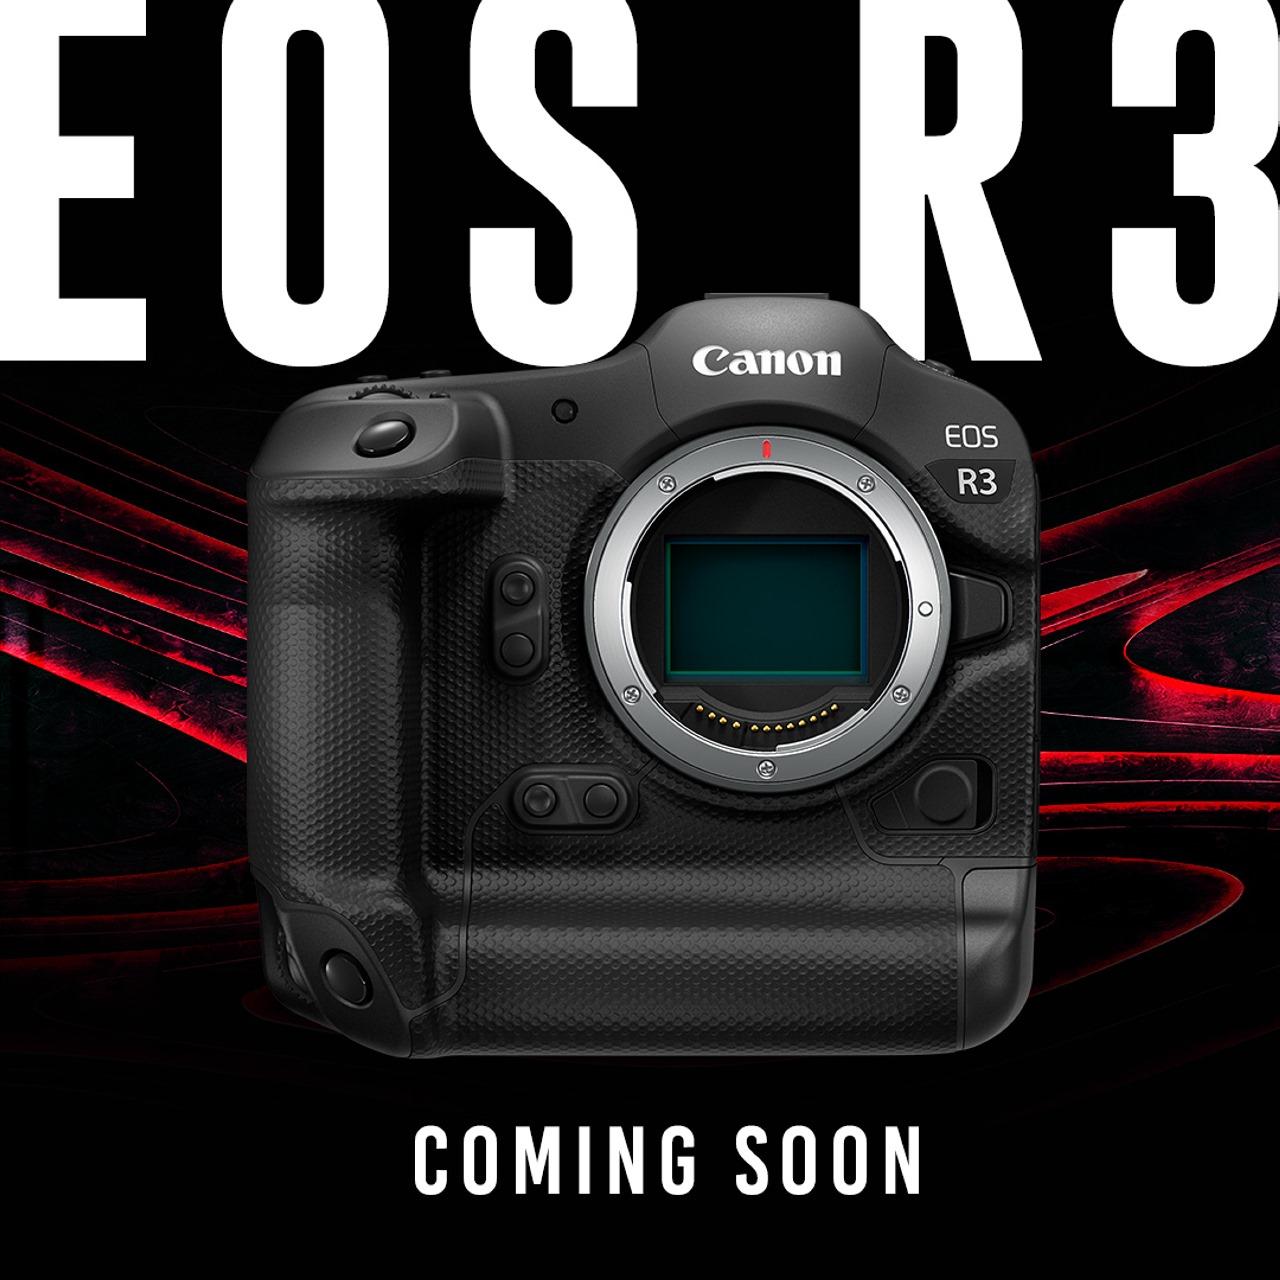 Canon tuyên bố EOS R3 dự kiến ra mắt vào cuối năm nay, kiểu dáng